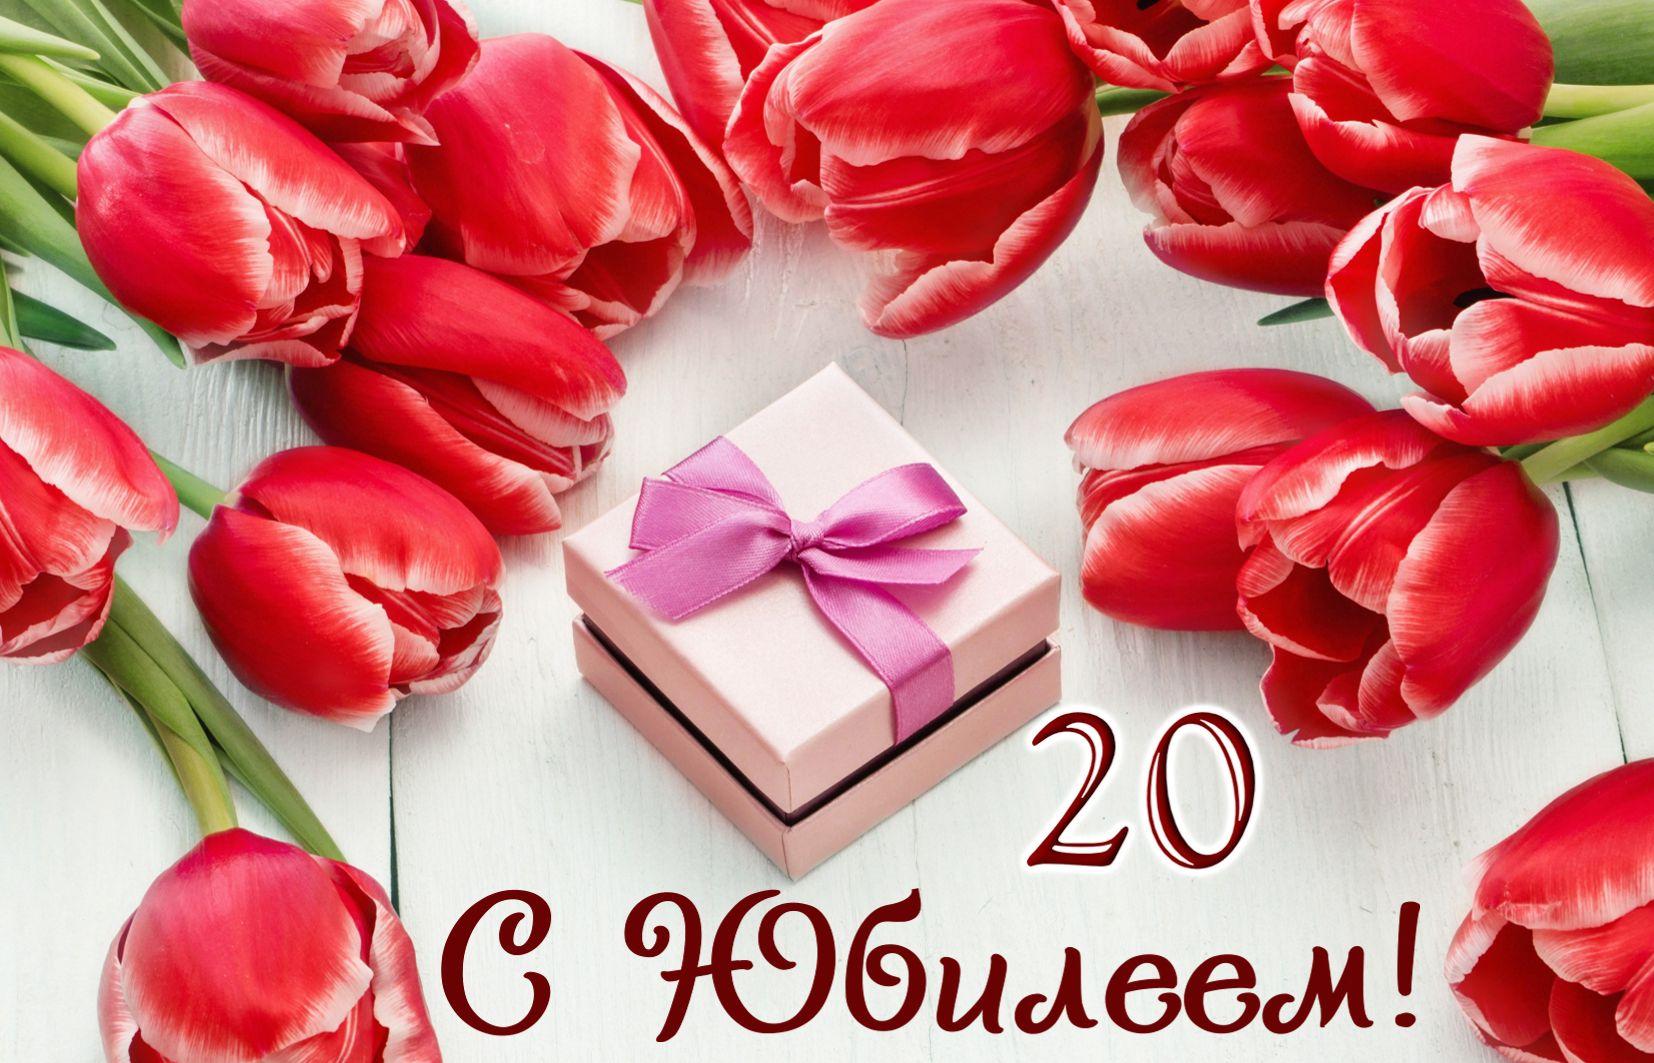 Открытка - подарок и тюльпаны к юбилею на 20 лет